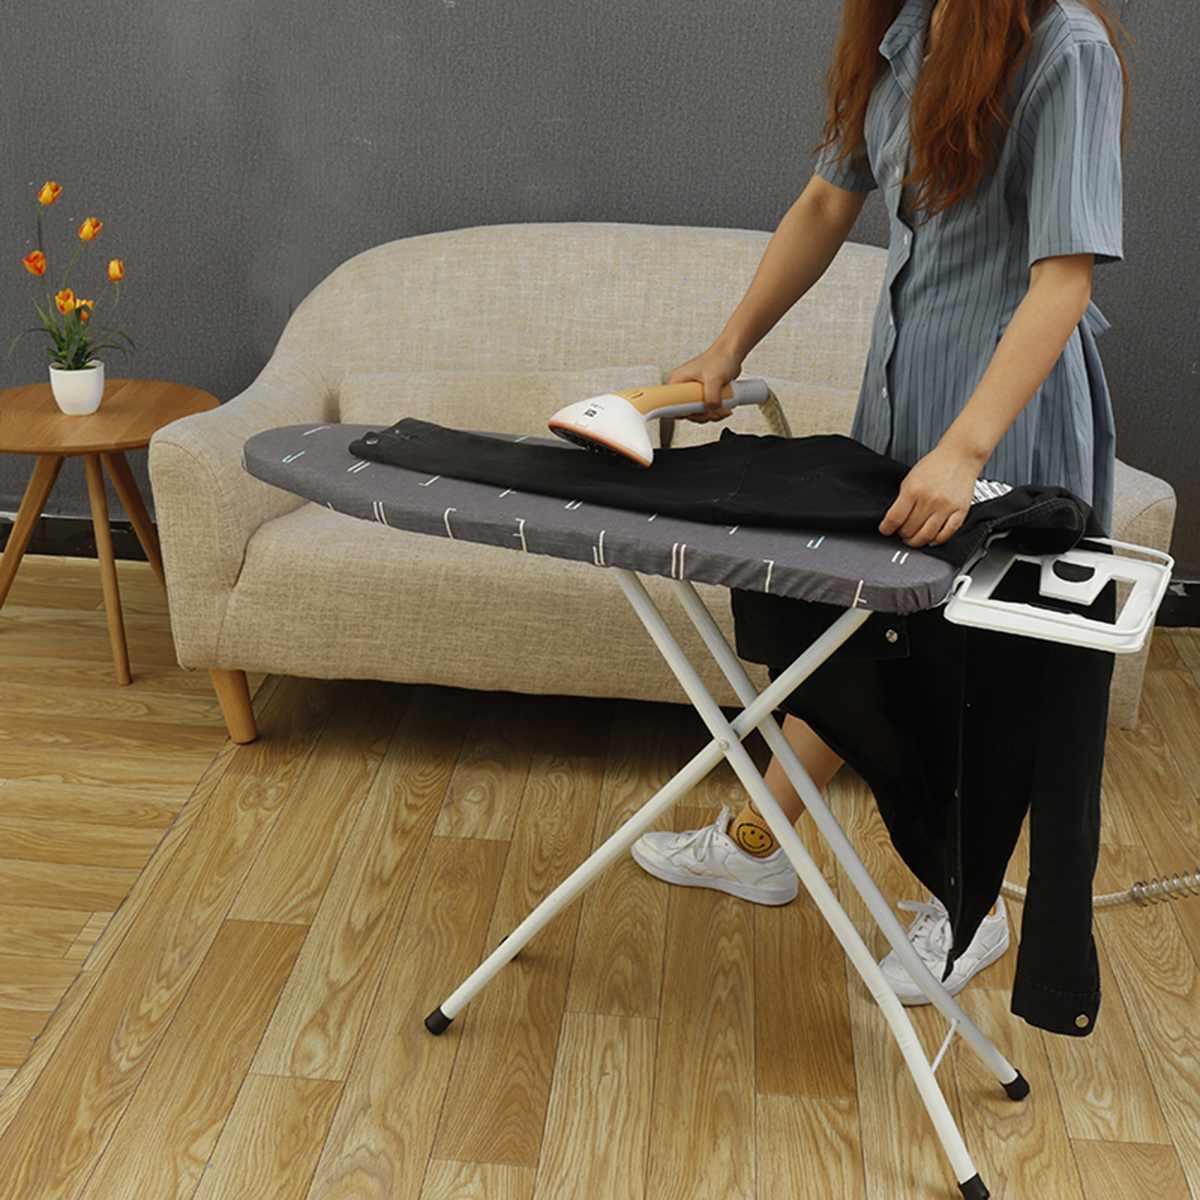 Hauteur réglable planche à repasser Table support Portable pliant gain de place élastique ménage planche à repasser chaleur antidérapant